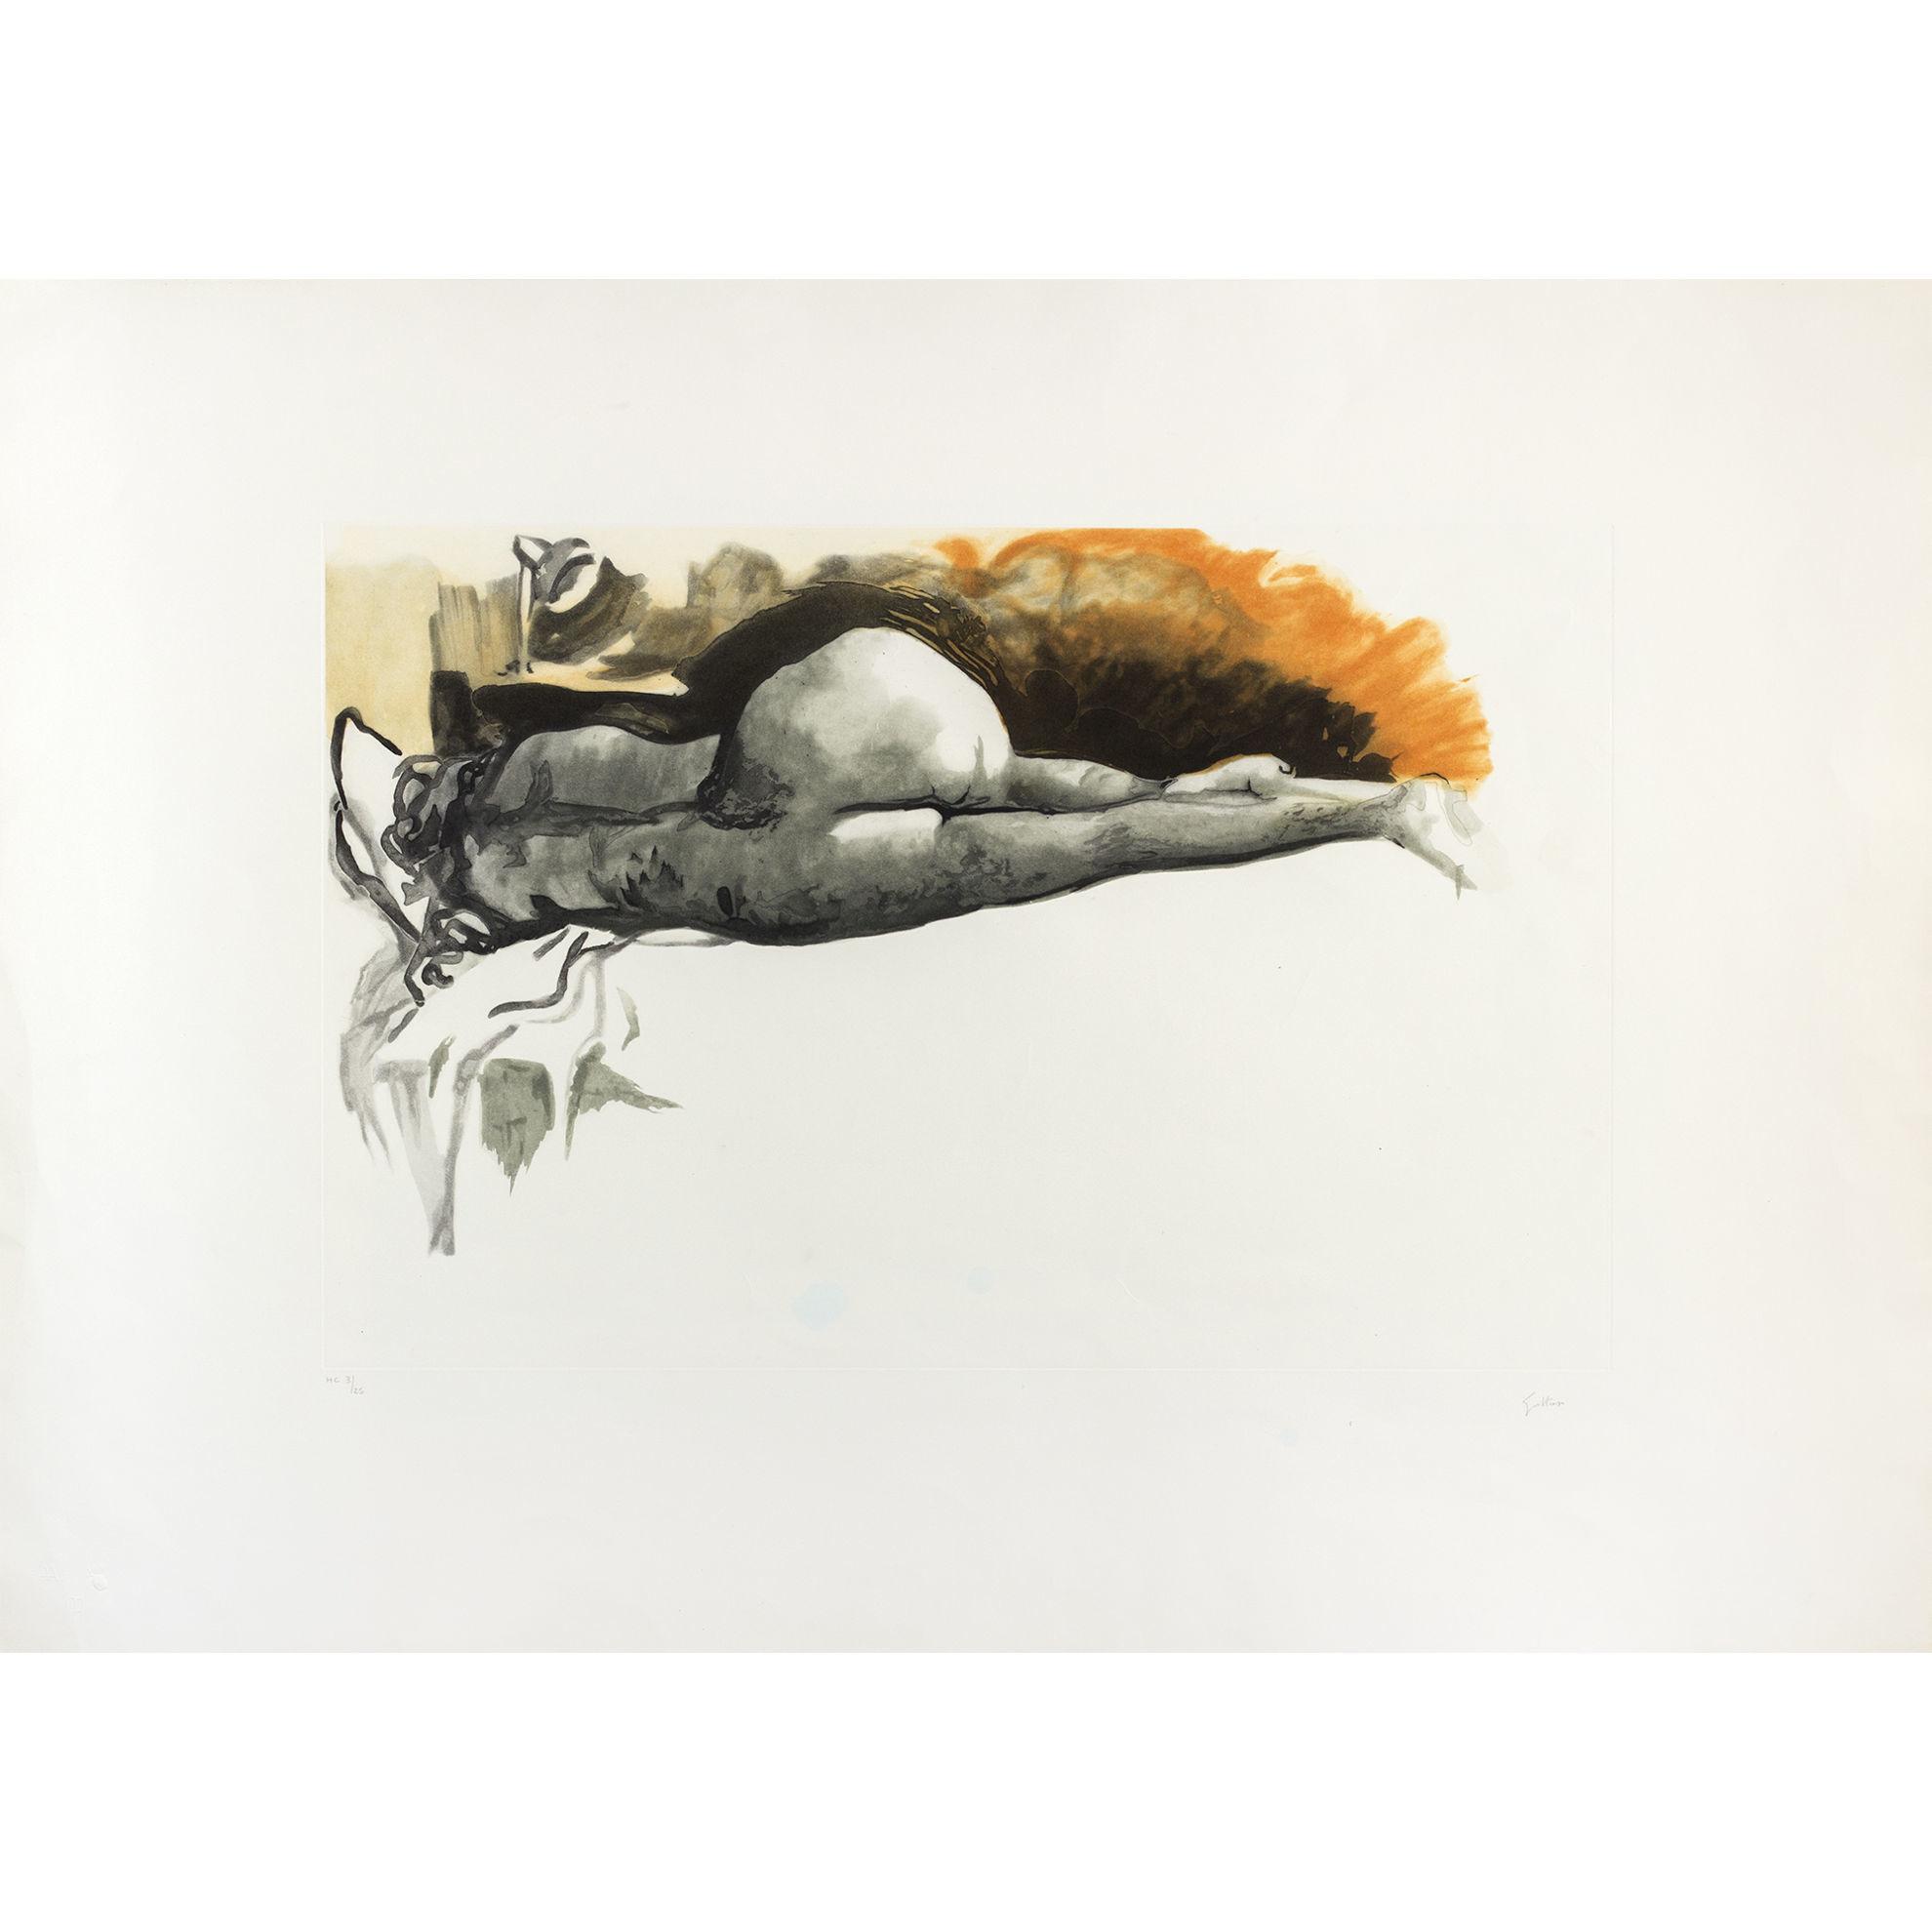 Immagine di Nudo sdraiato di schiena